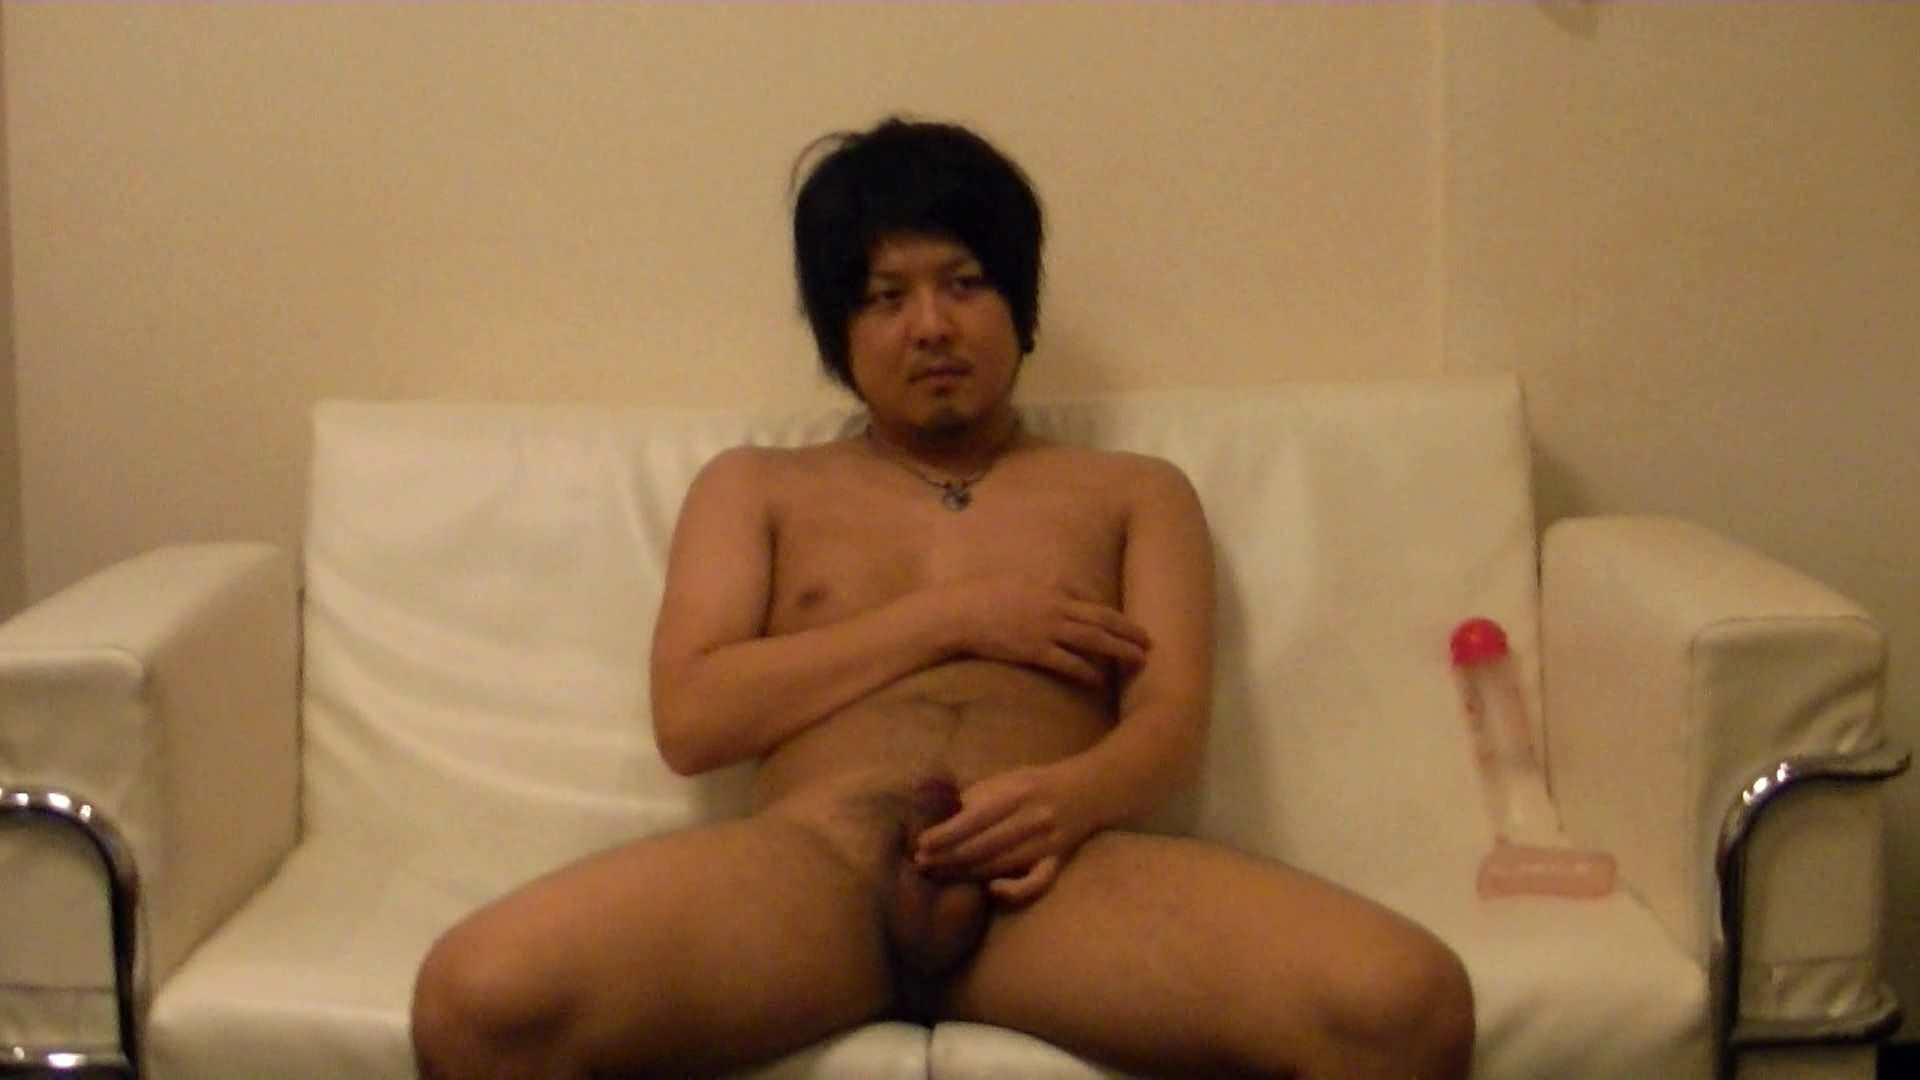 俺タチいつでもオナってGOGO!!Vol4 タチ  78pic 48